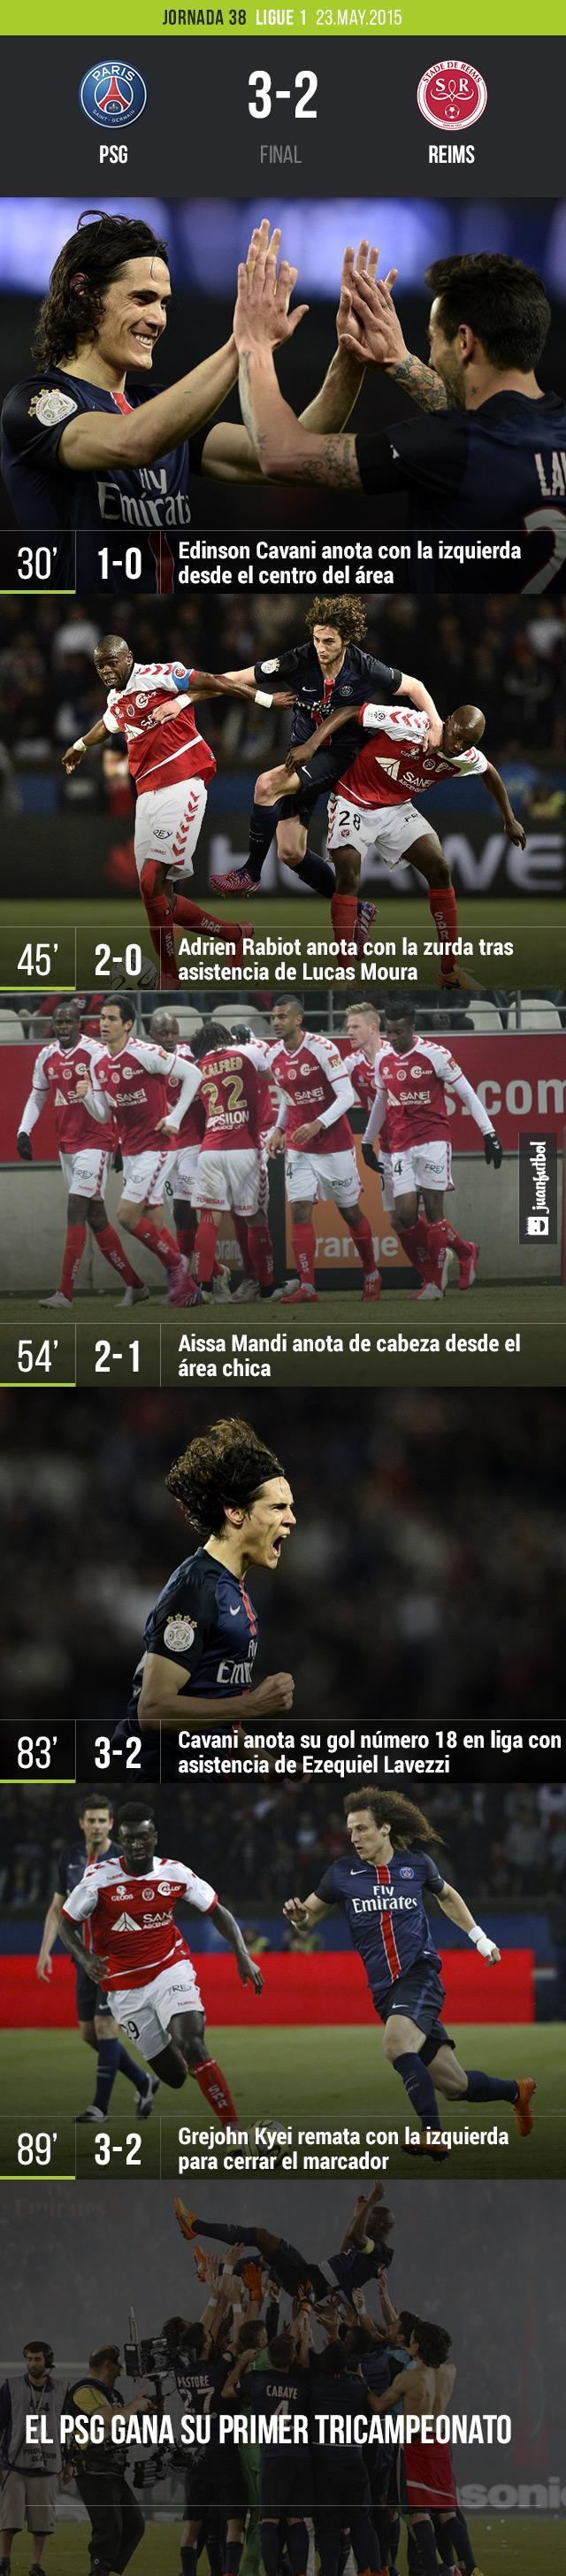 PSG se lleva la victoria contra el Reims en la última jornada de la Ligue 1